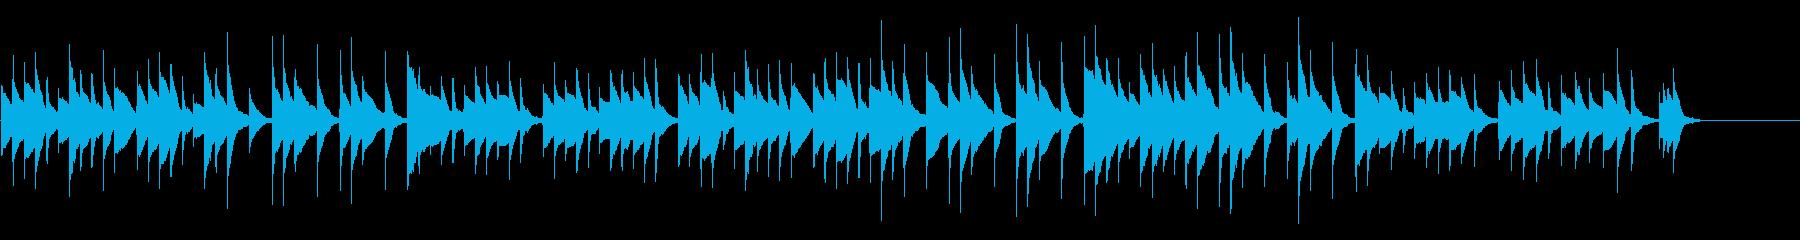 眠れそうなオルゴール曲の再生済みの波形